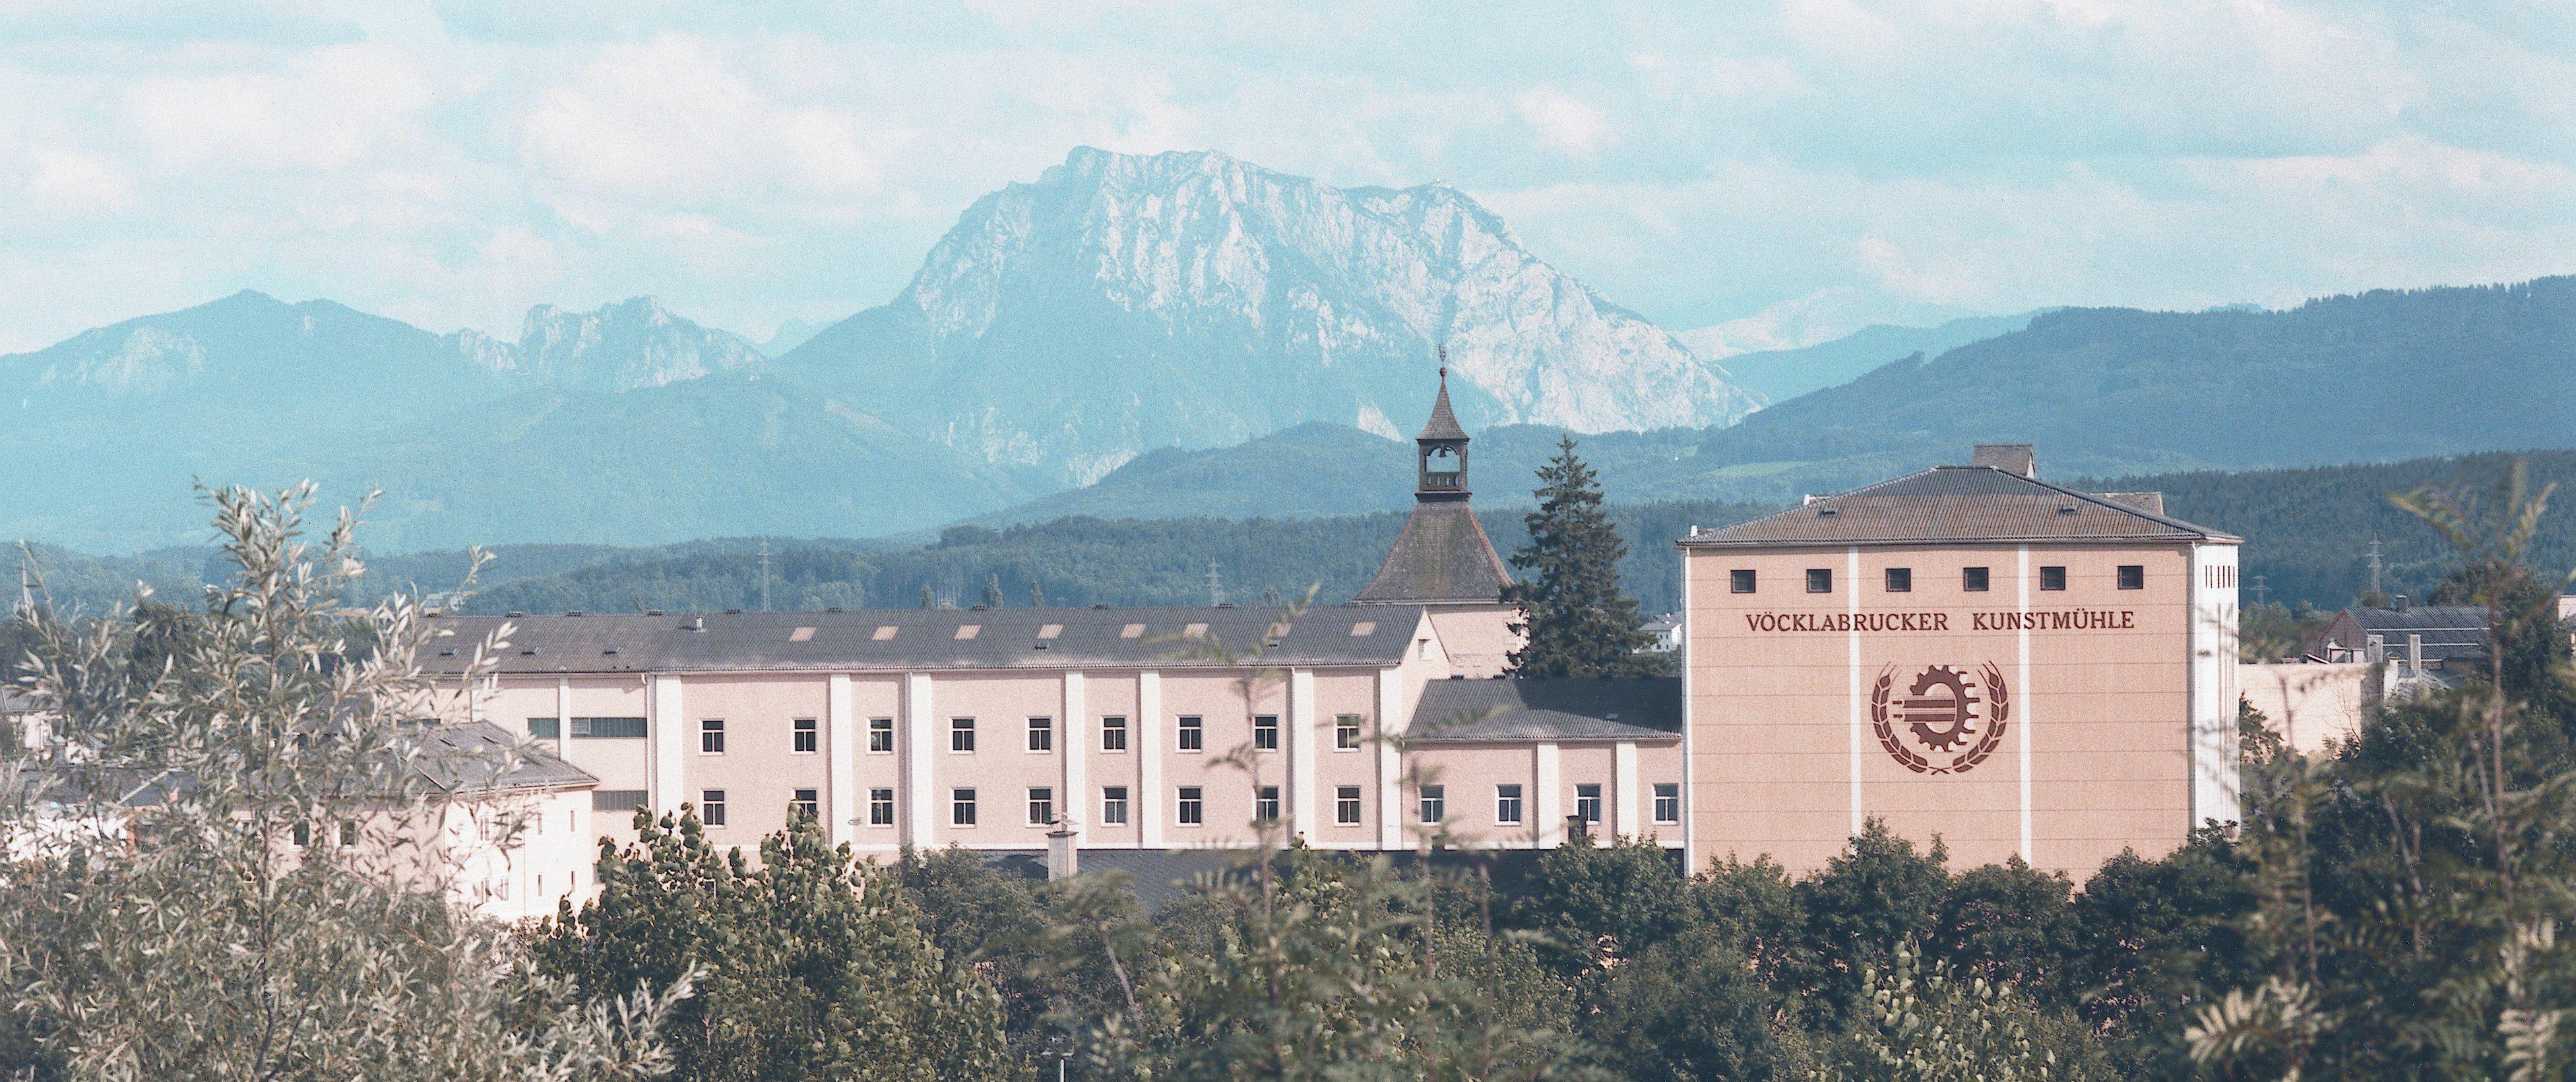 Mühle jpg